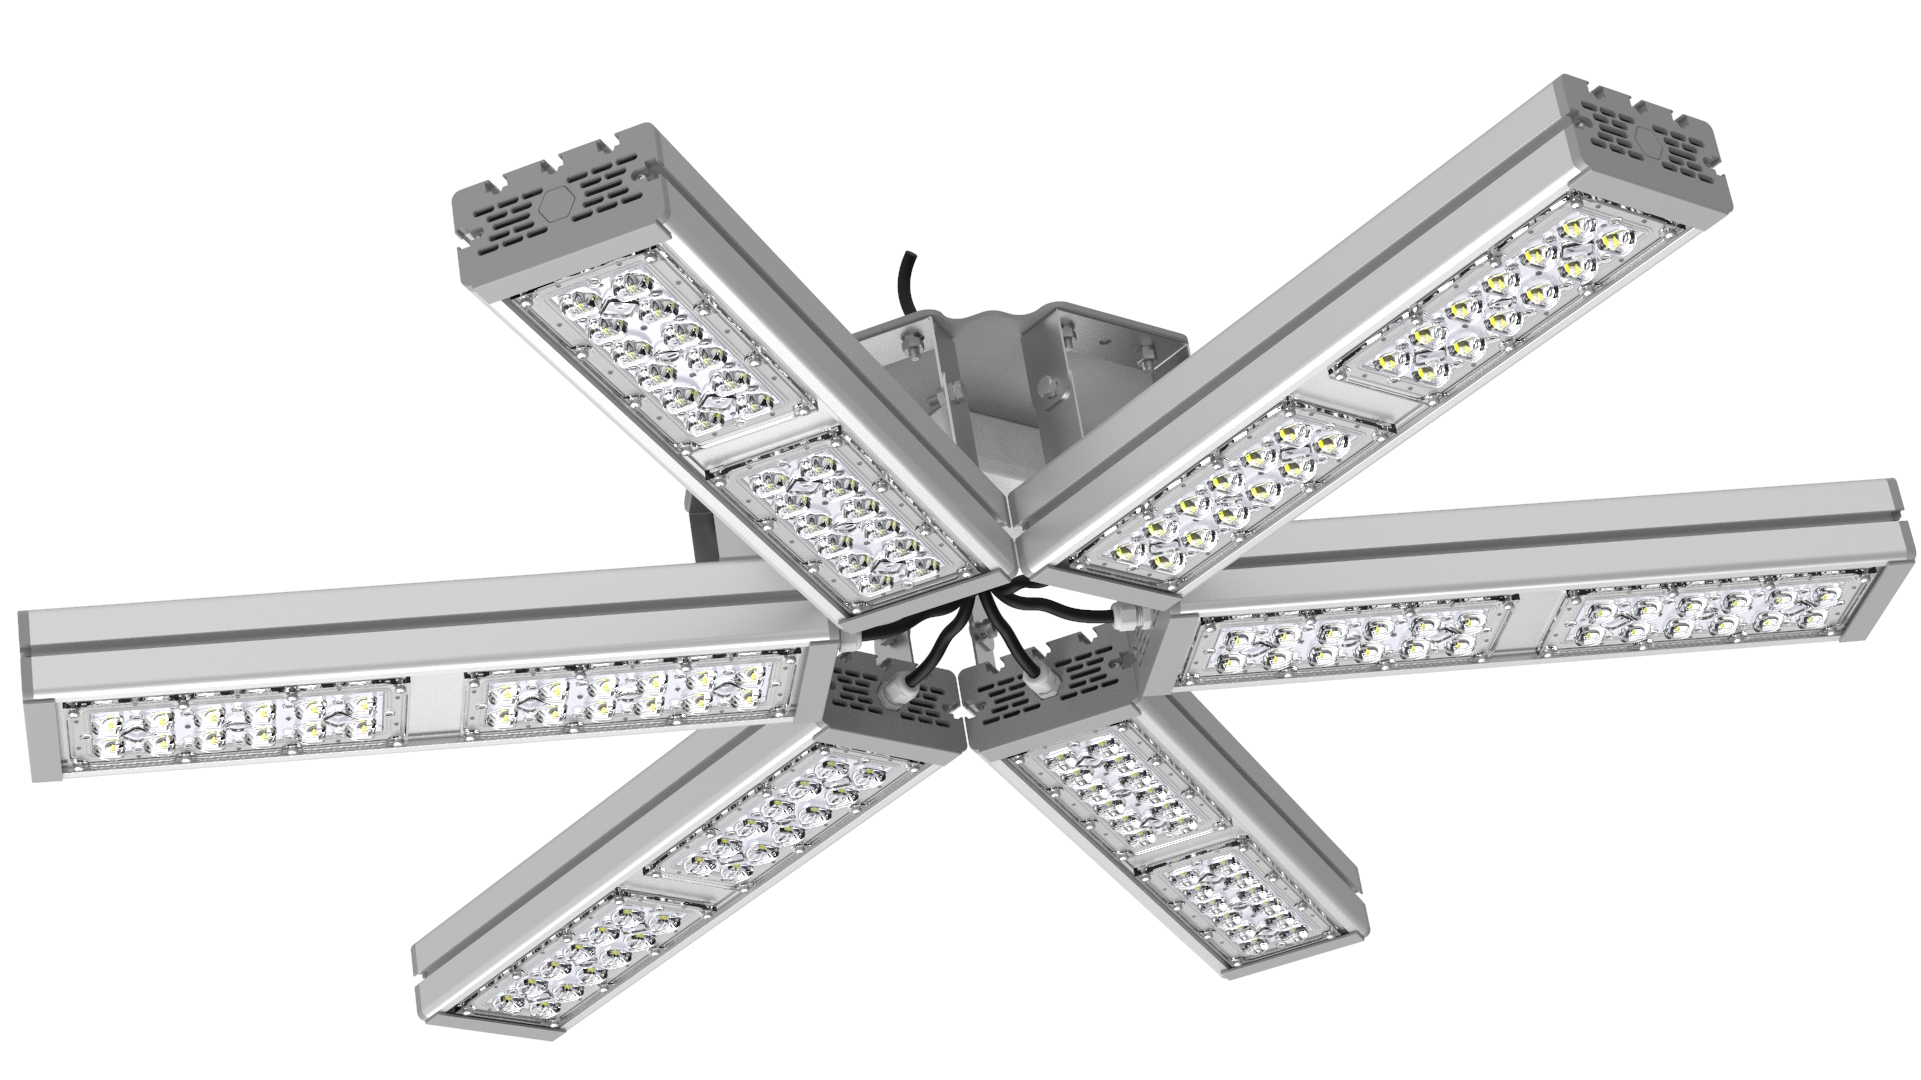 Светильник подвесной Ромашка High-Bay SVT-P-FLOWER-318Вт-58 (с защитой от 380В, трос)